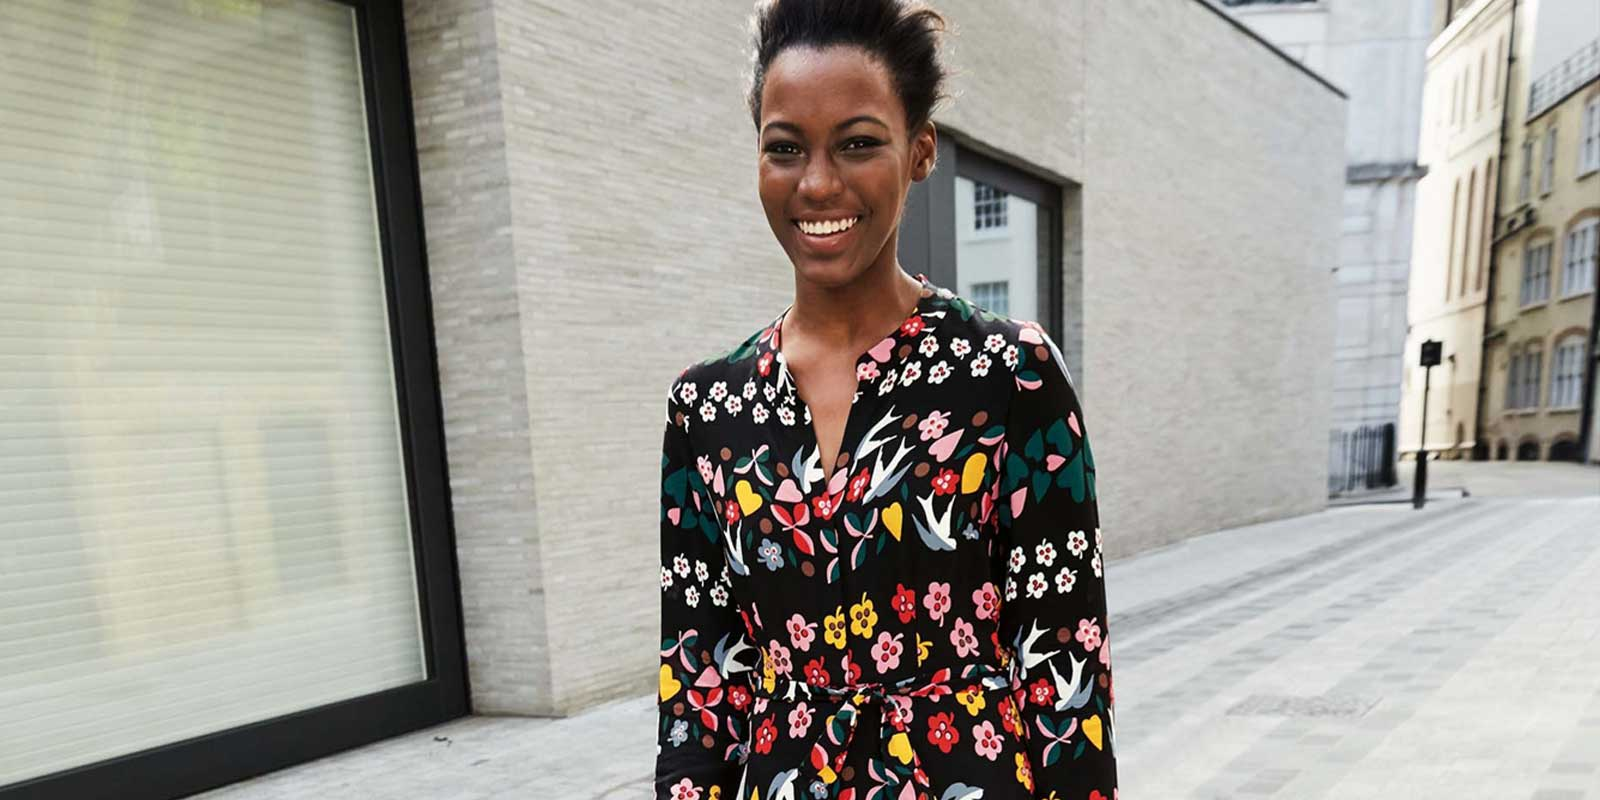 Kleid bei Schiet-Wetter - Zum Artikel